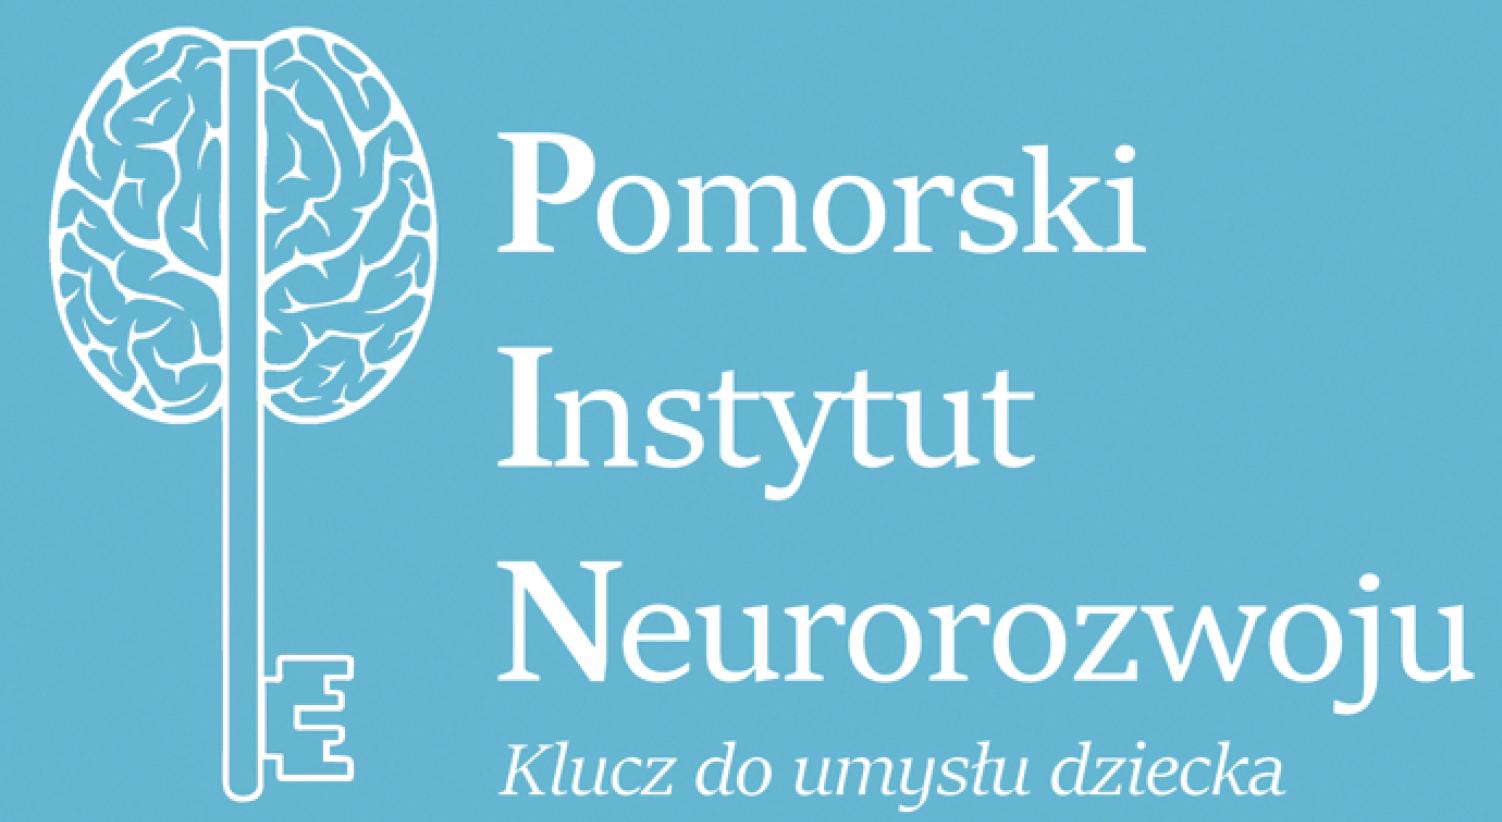 Pomorski Instytut Neurorozwoju